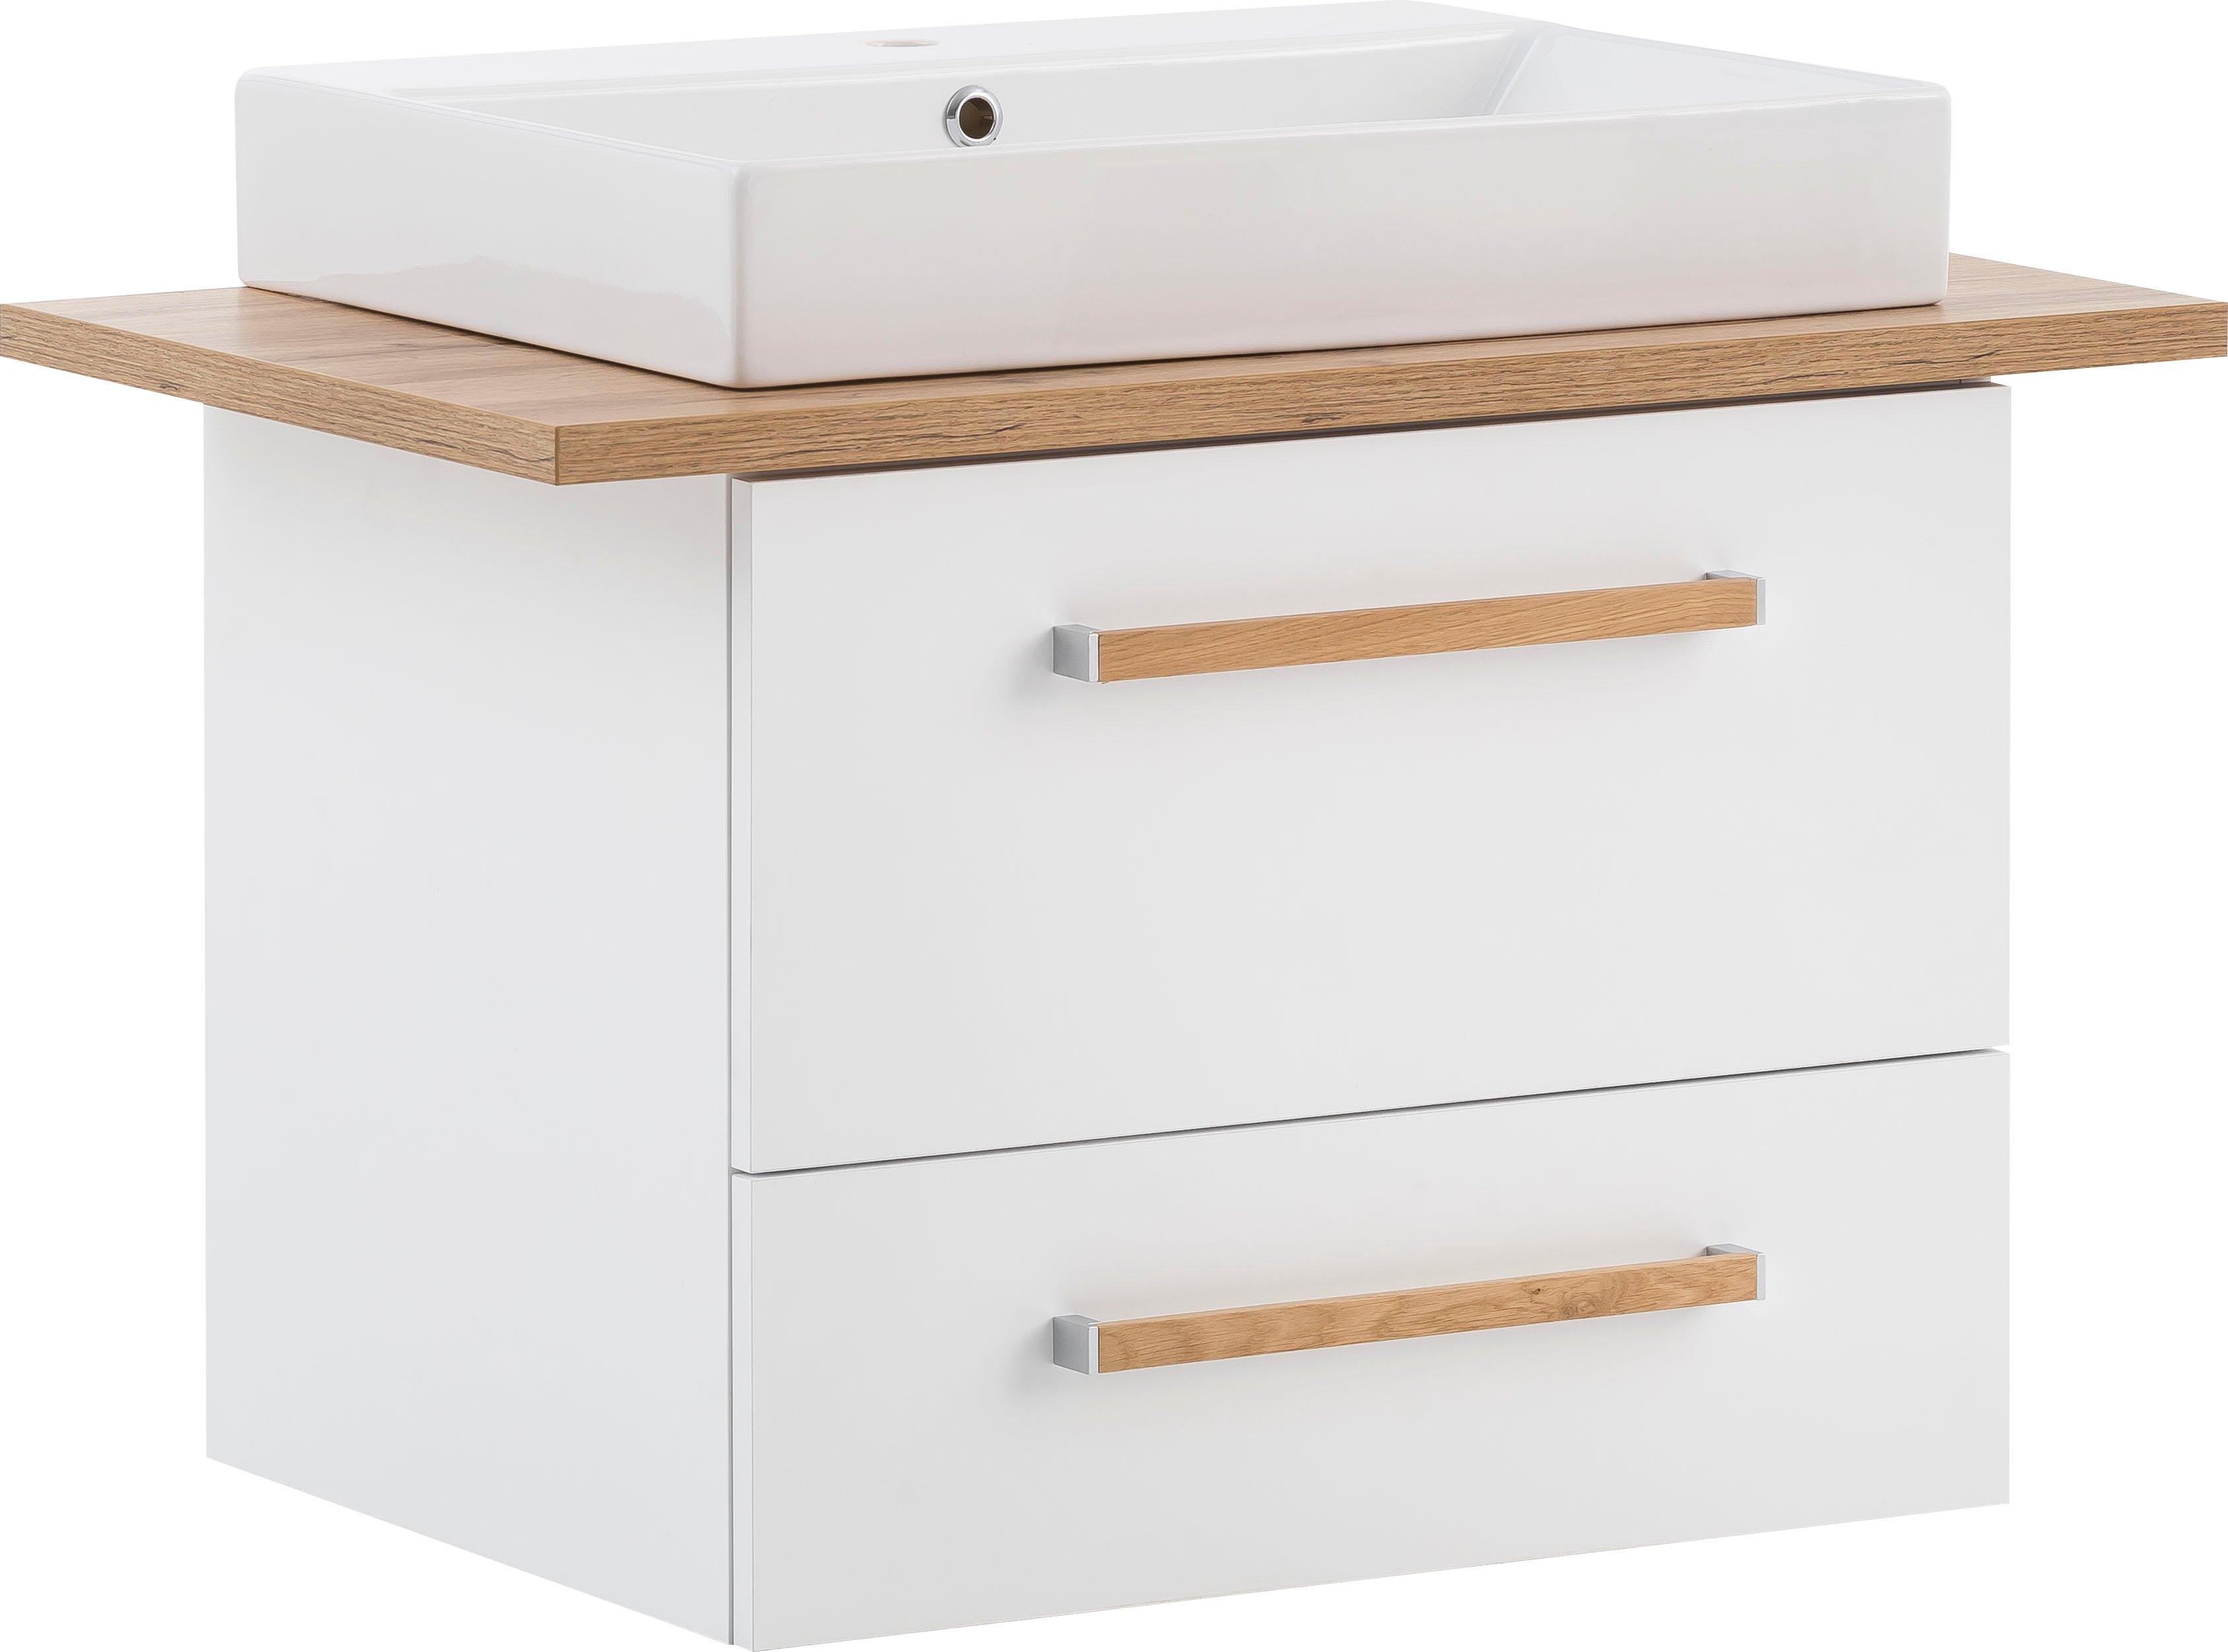 Schildmeyer wastafelonderkast Duo 80 cm breed nu online kopen bij OTTO